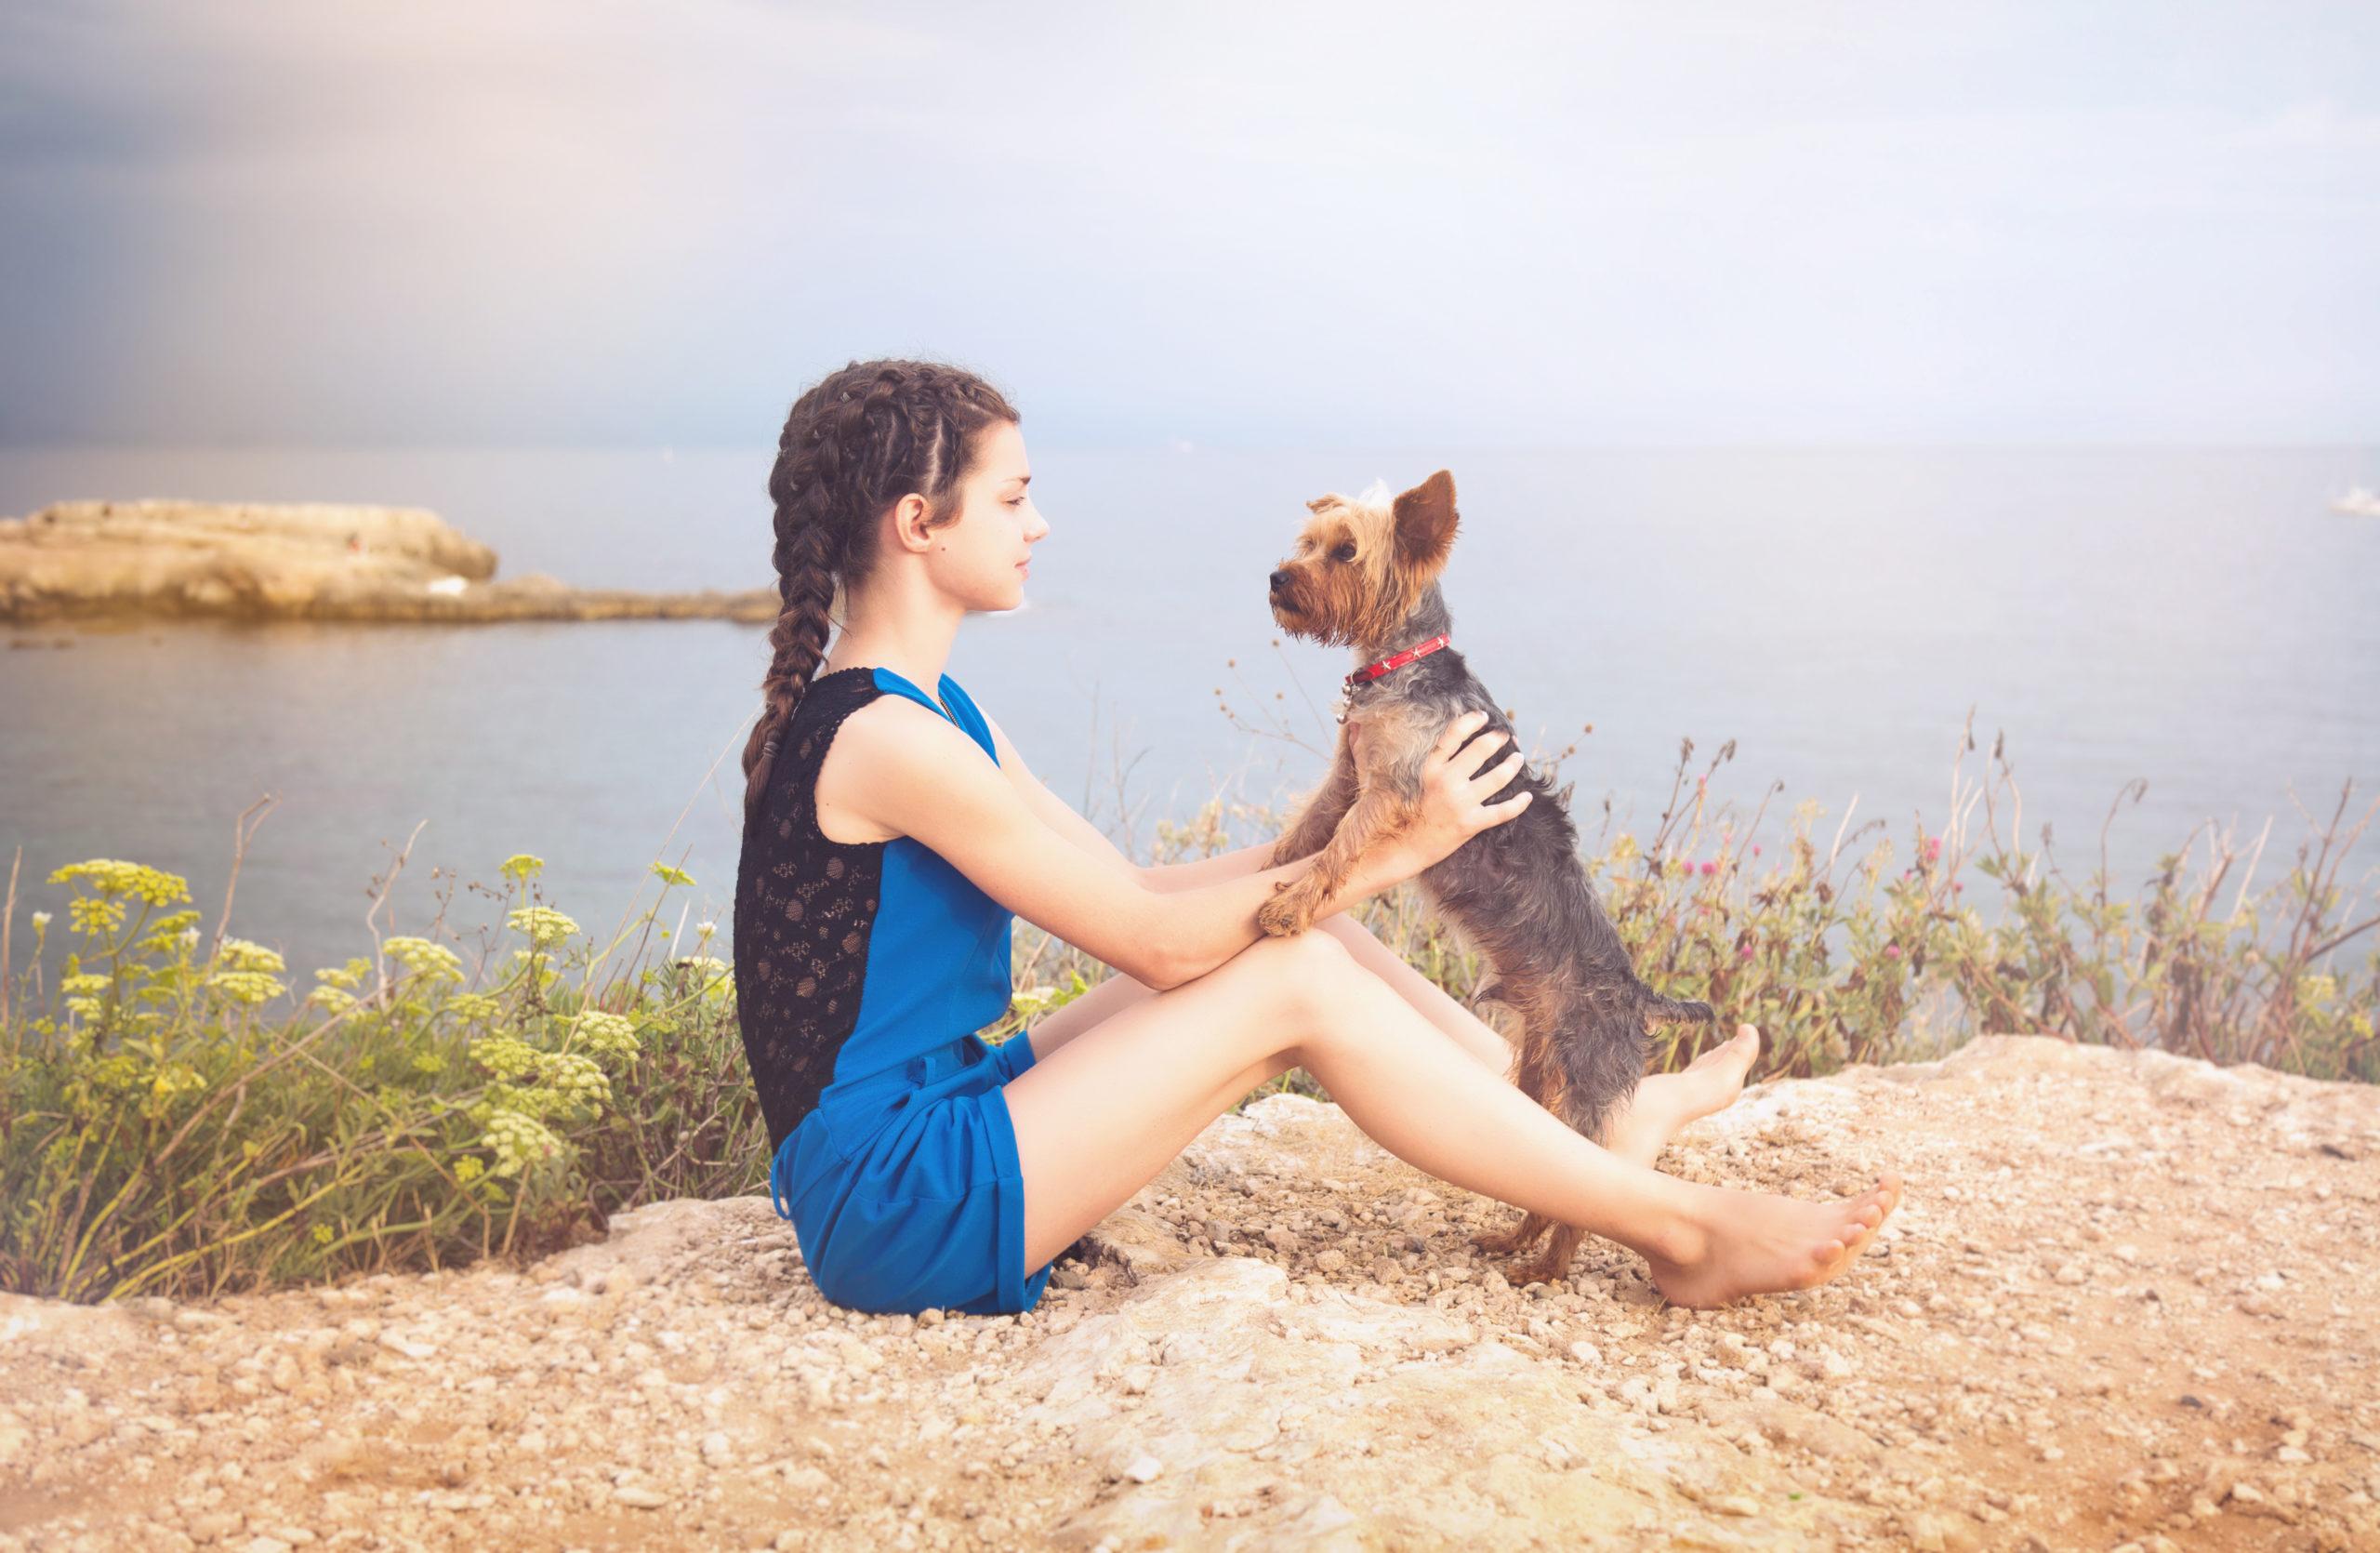 Photographe animal de compagnie, portrait duo, chien